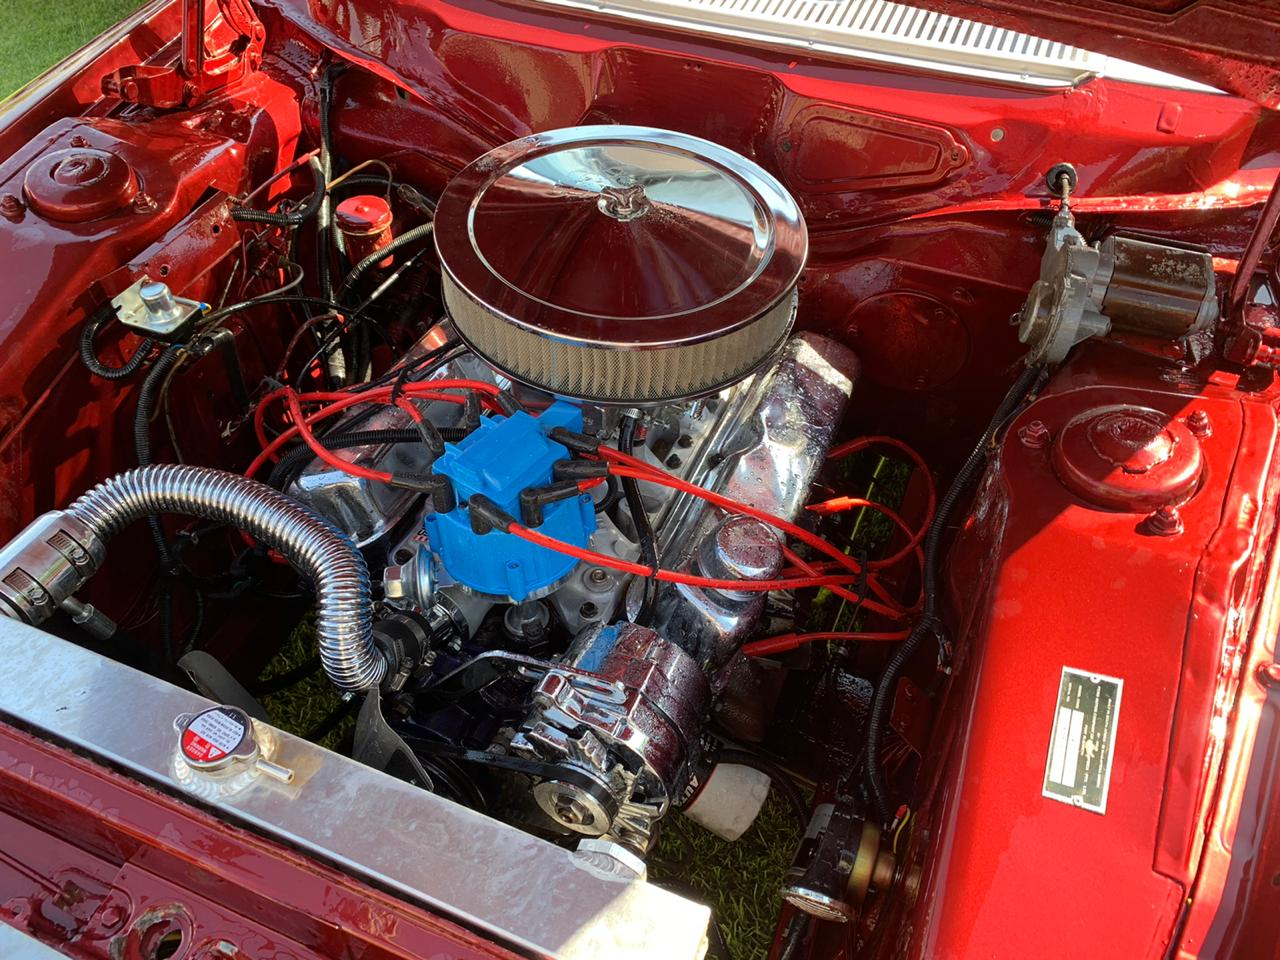 Zephyr Mk3 with 302 V8